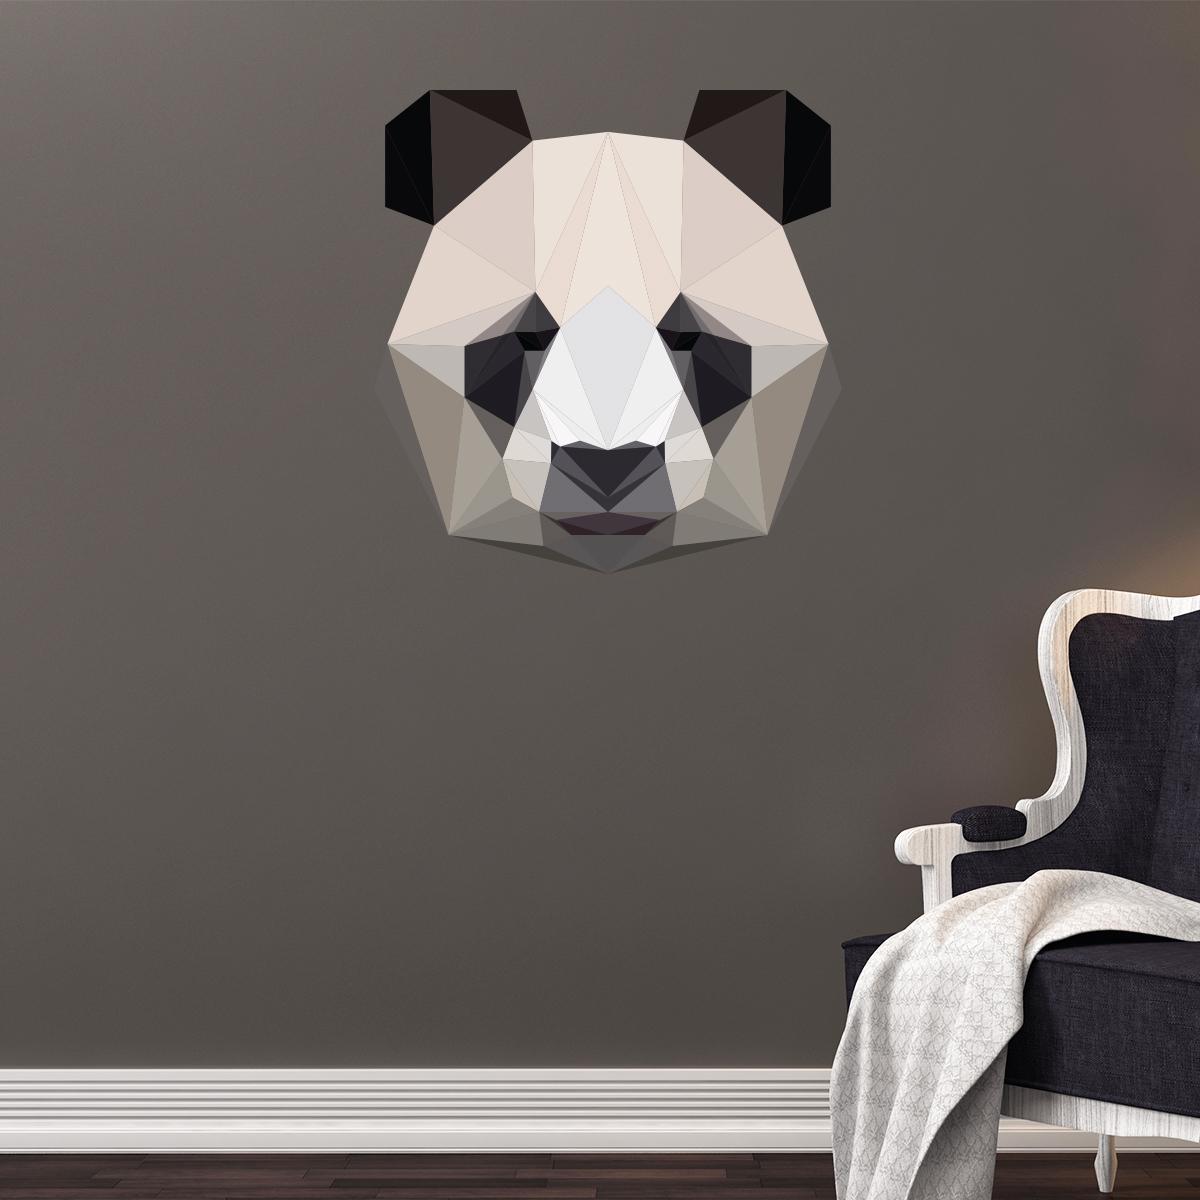 Https Www Ambiance Sticker Com En Wall Sticker Origami 3d Black